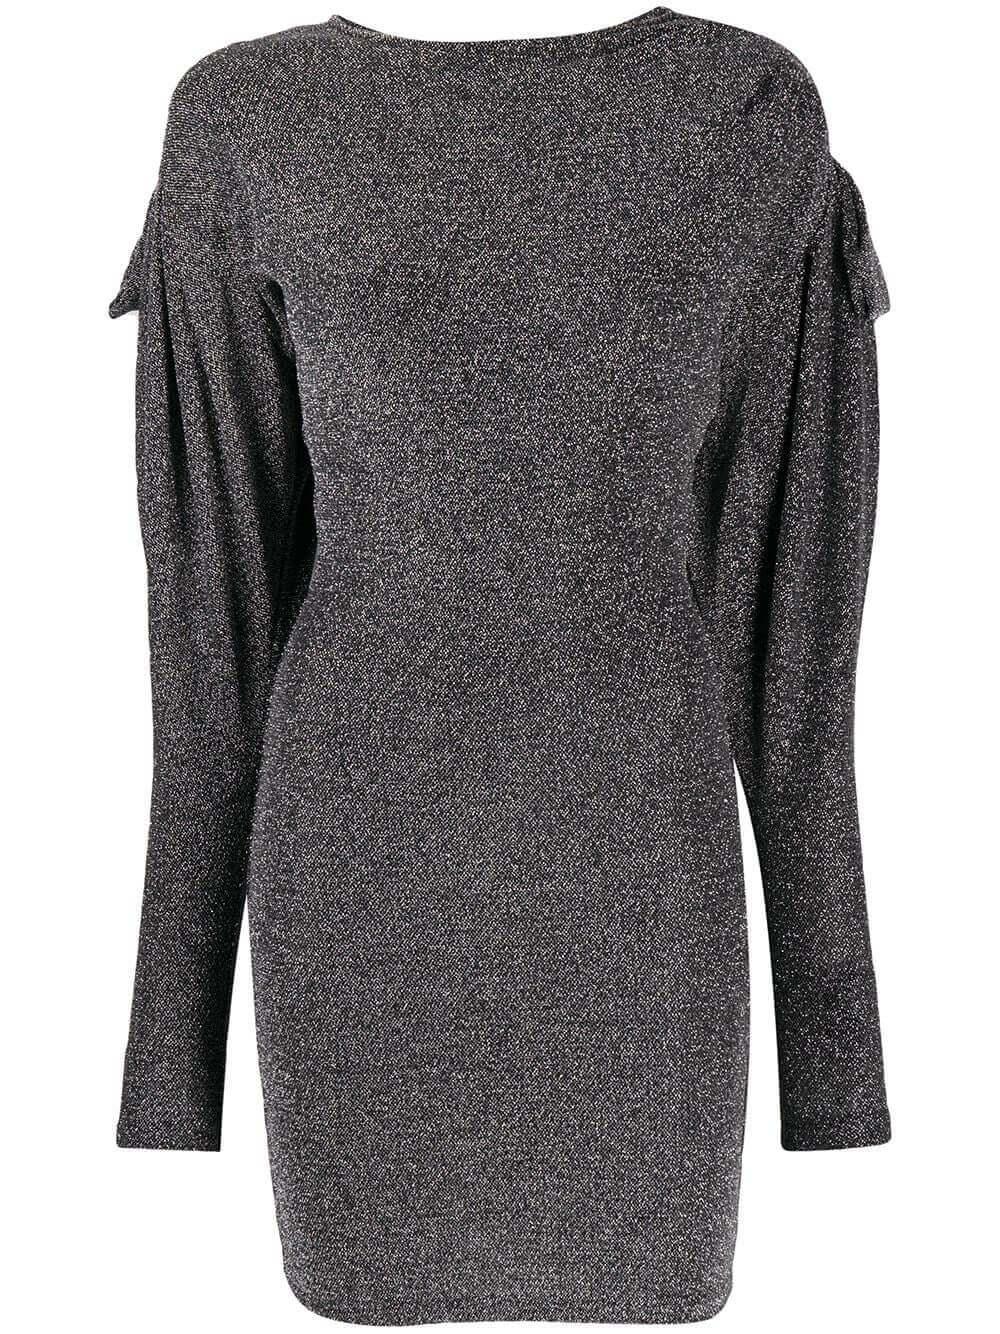 Waden Lurex Dress